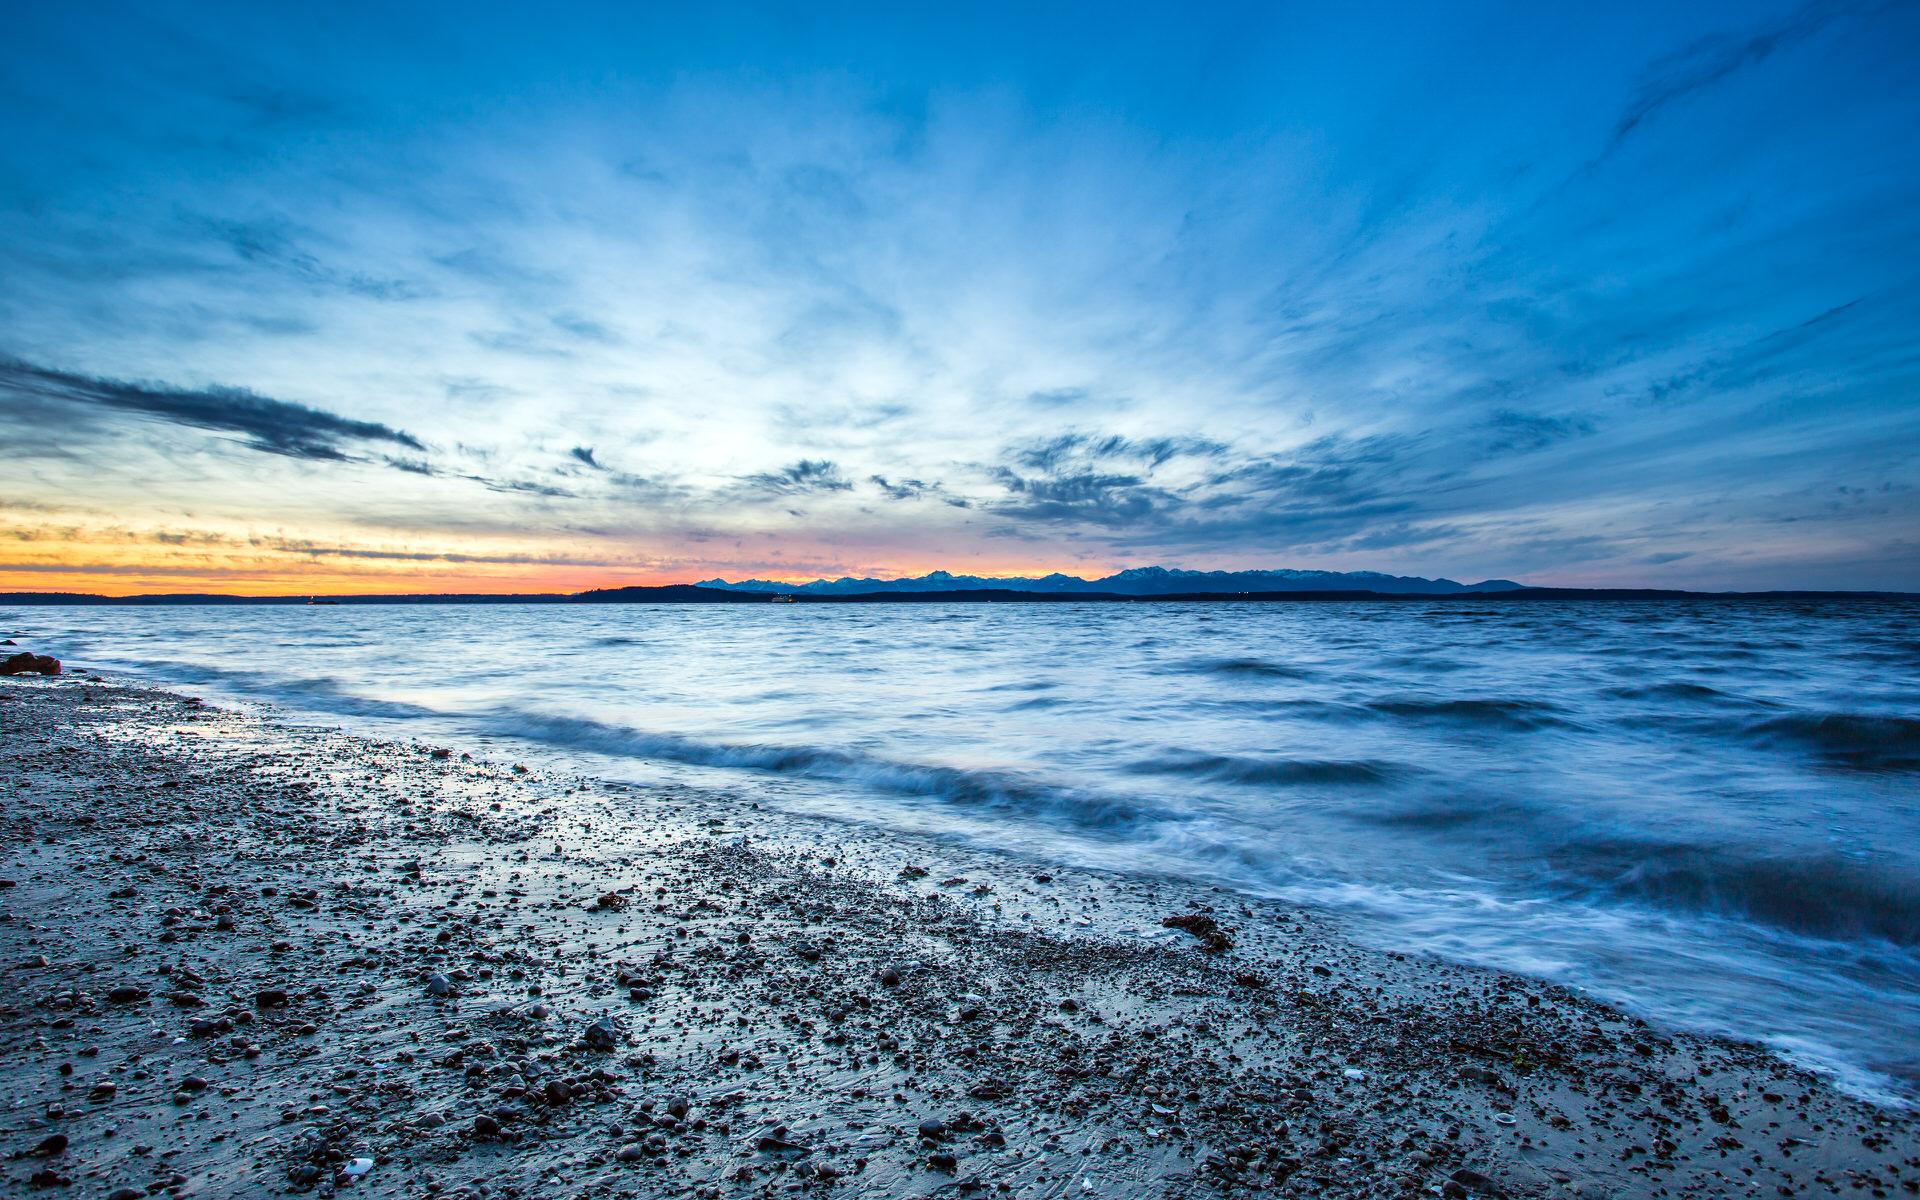 阿尔基海滩日落高清壁纸